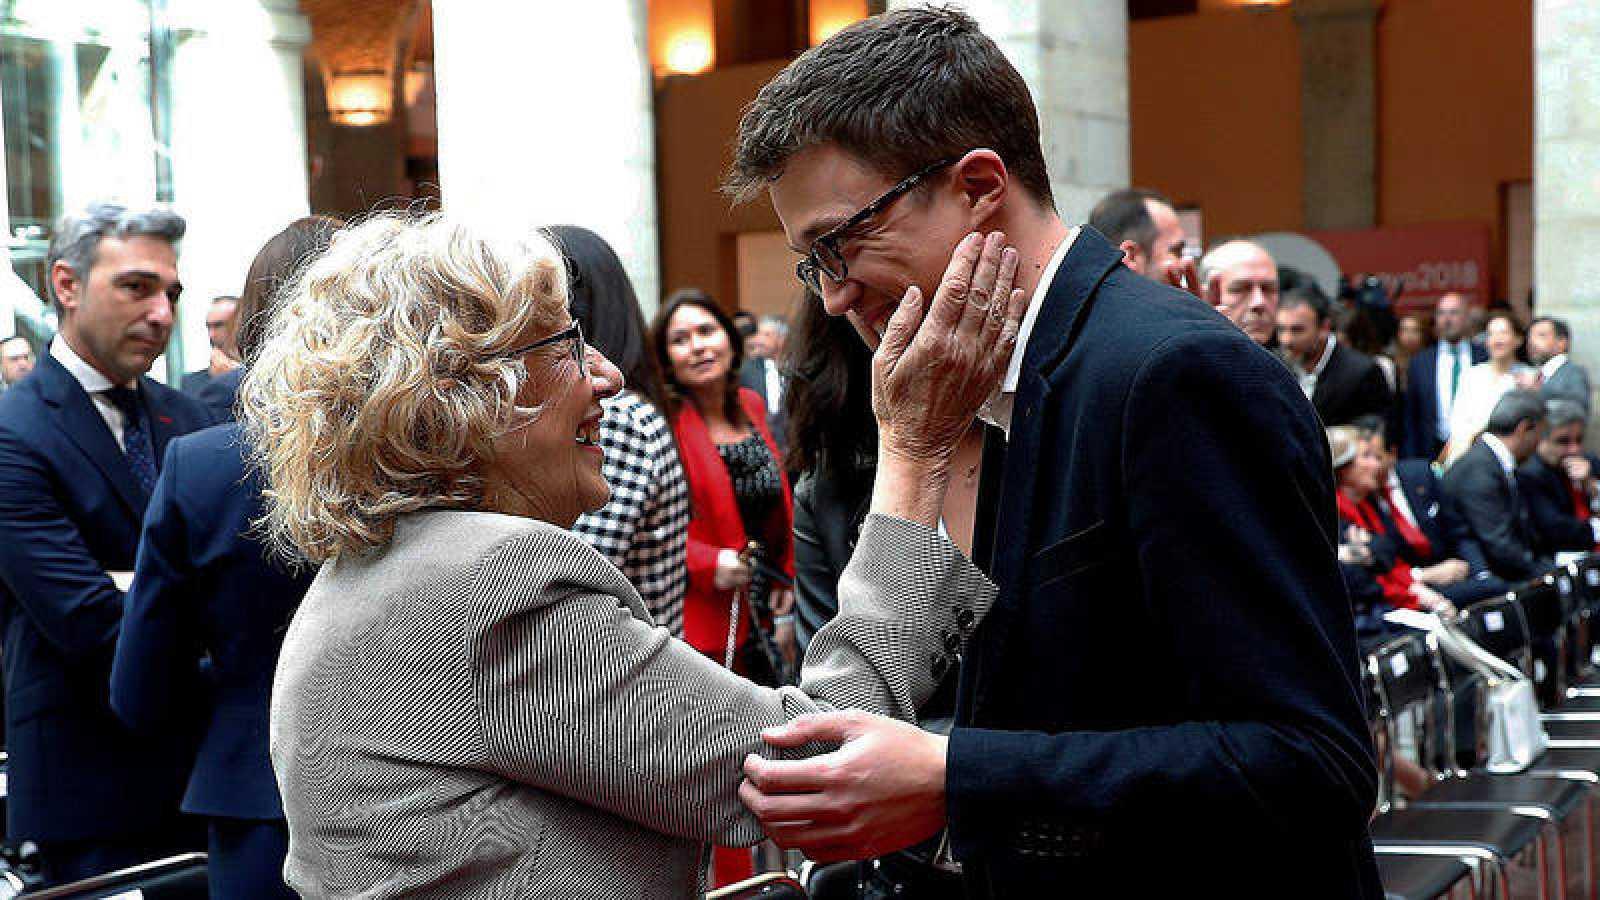 La alcaldesa de Madrid, Manuela Carmena, y el diputado de Podemos Iñigo Errejón durante el acto conmemorativo de la Fiesta del 2 de Mayo